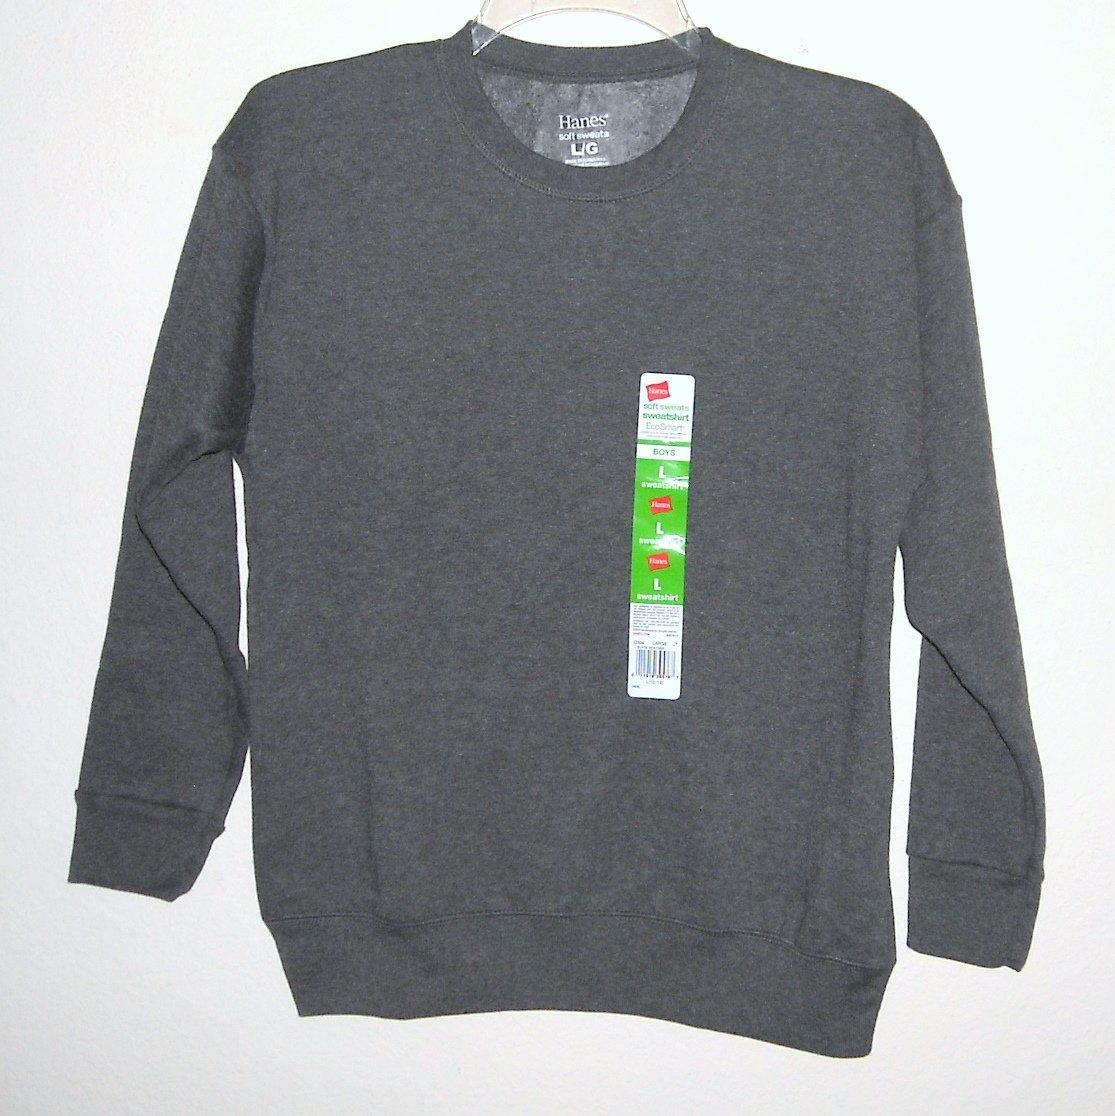 Hanes Boys Soft Slate Sweats Fleece Sweatshirt L / G 10/12